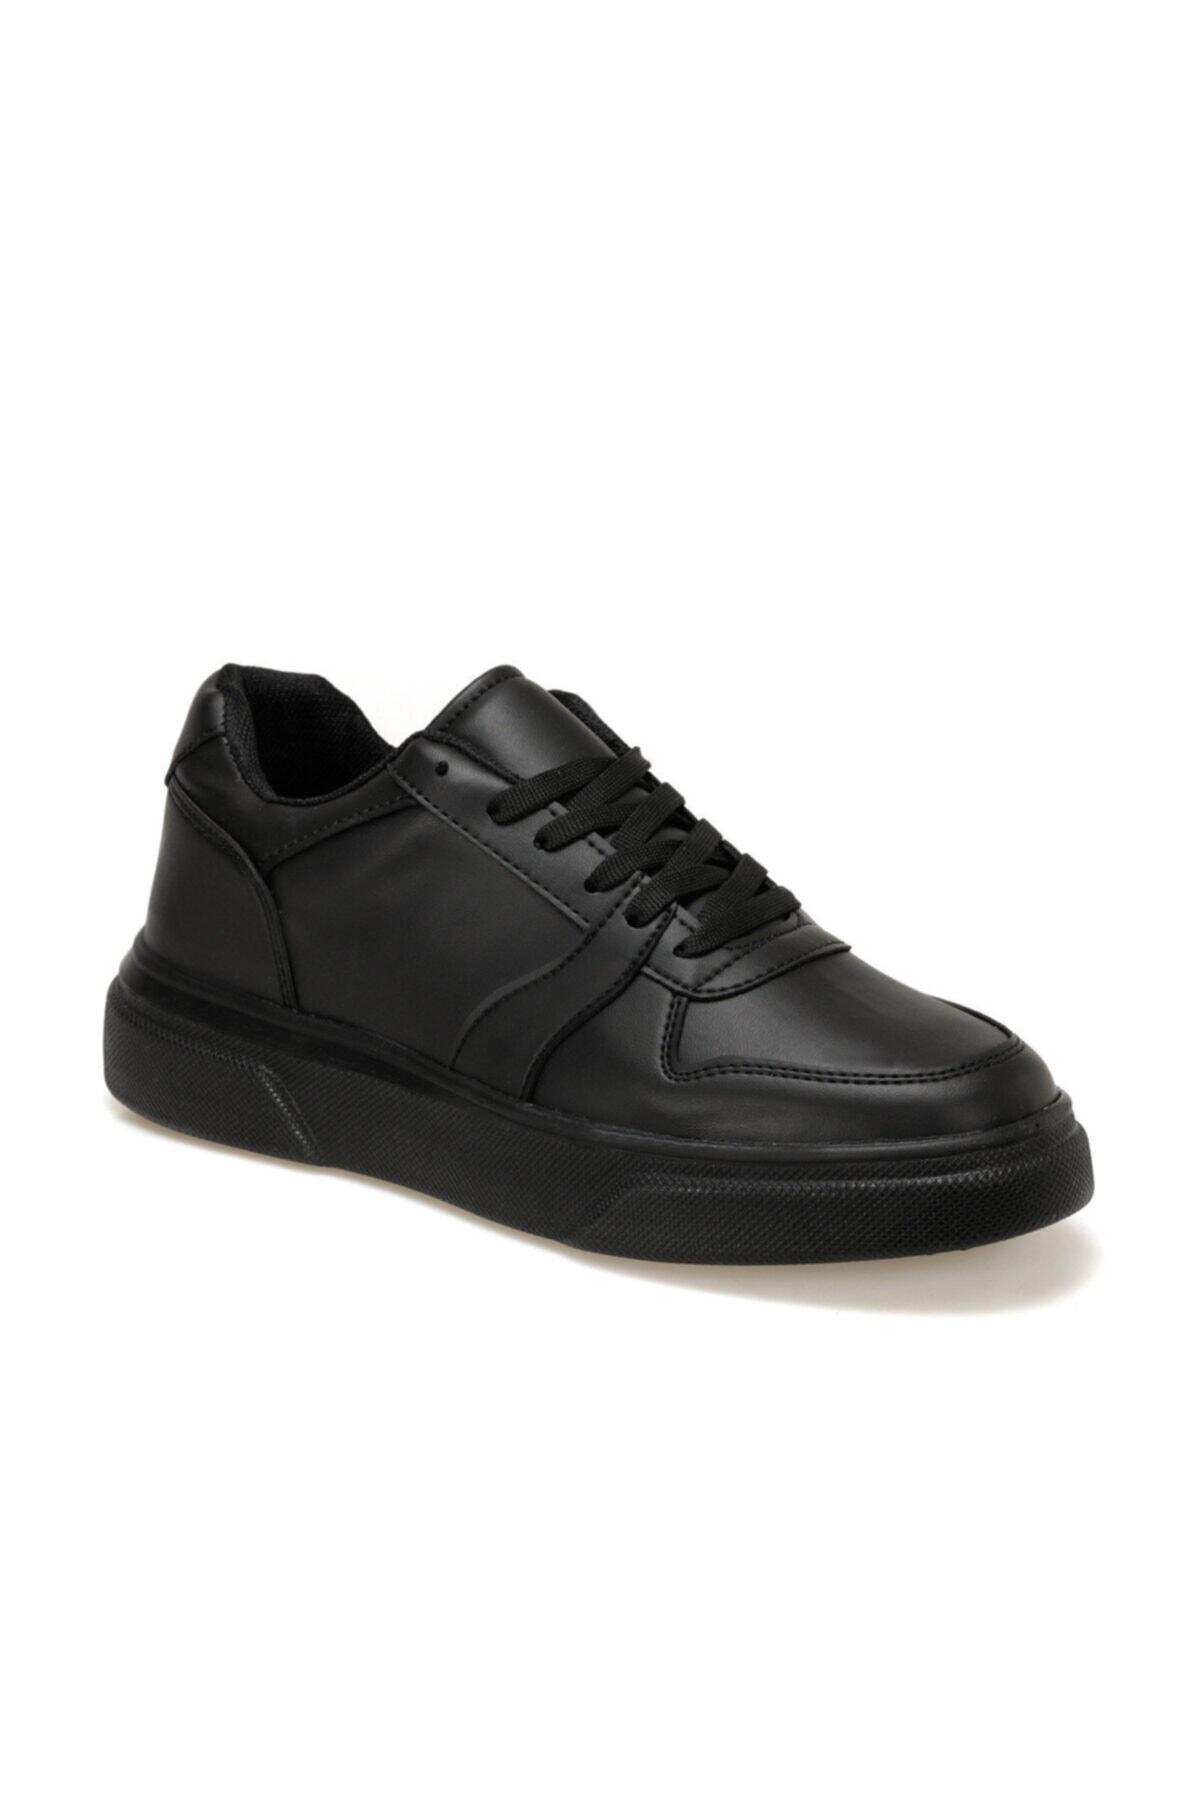 Torex ENZO Siyah Erkek Kalın Taban Sneaker Spor Ayakkabı 100577269 1